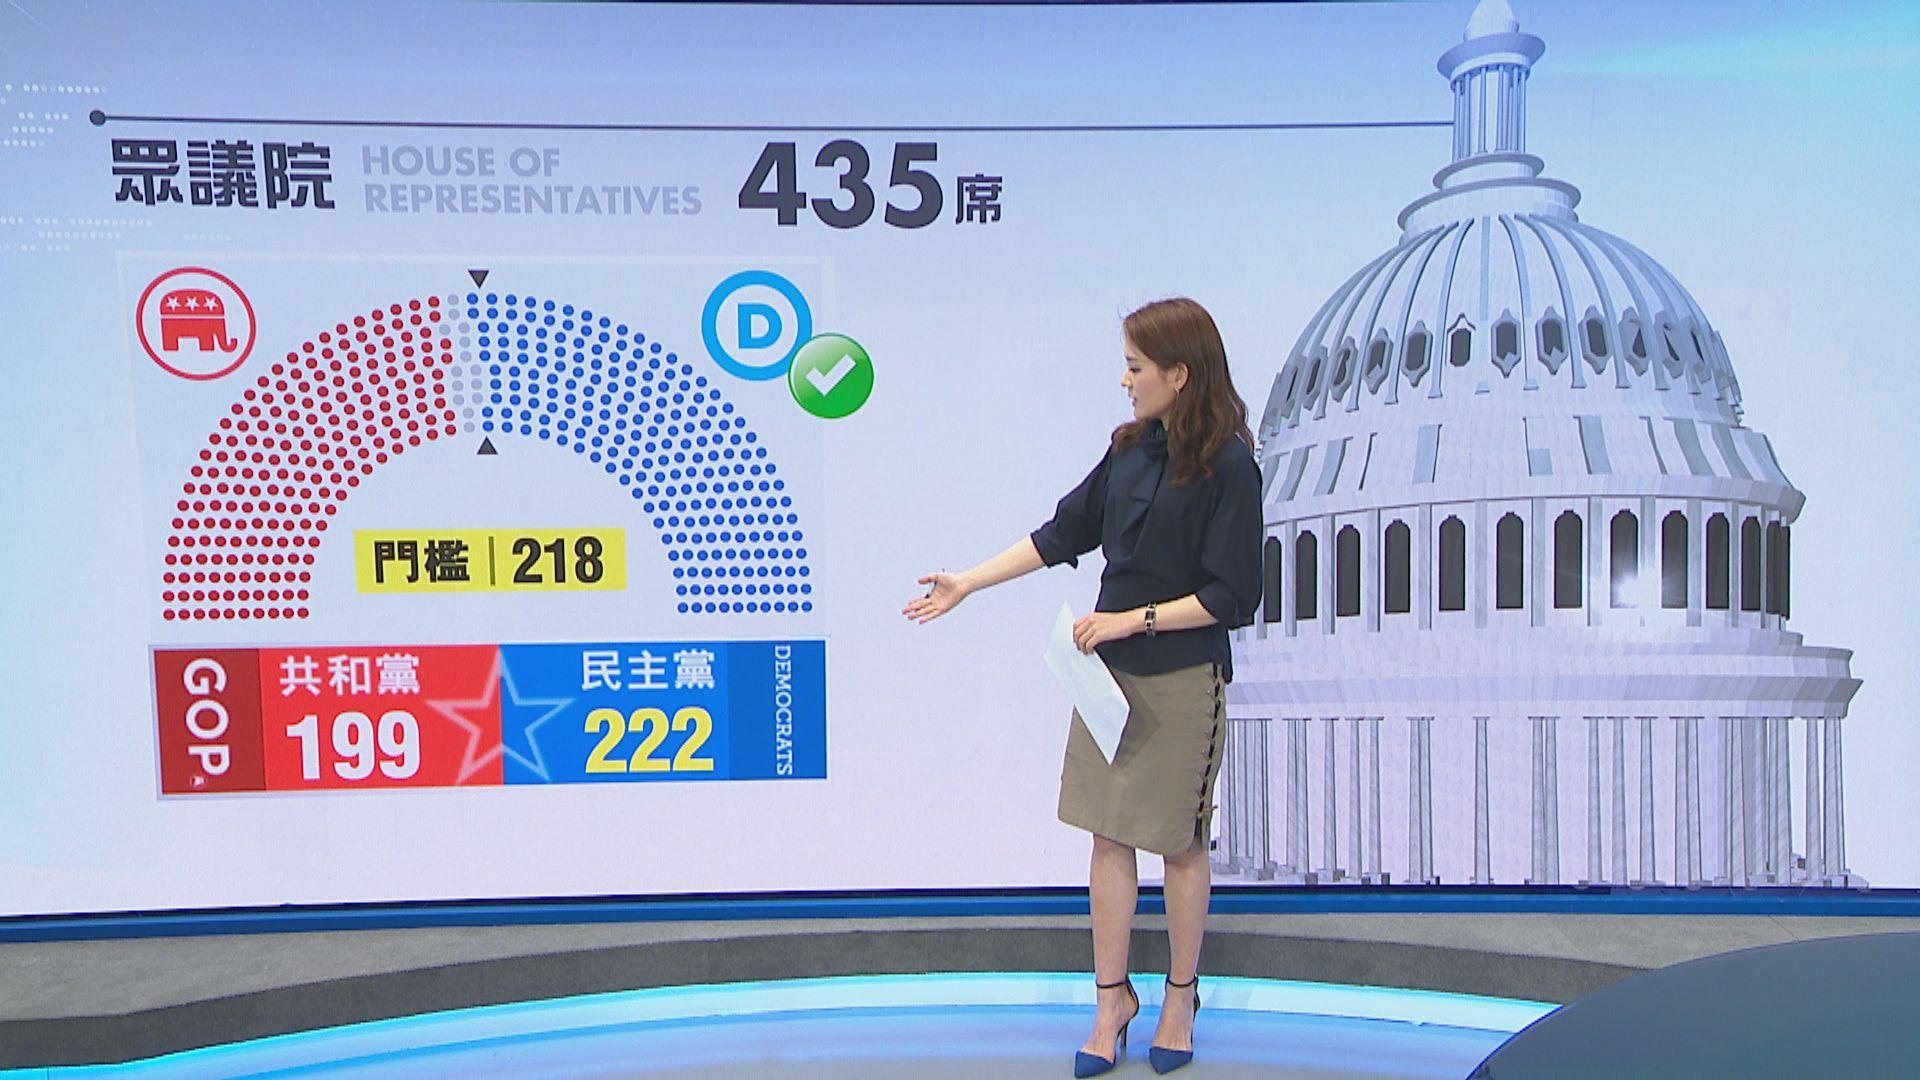 今次中期選舉被視為下屆大選的風向標